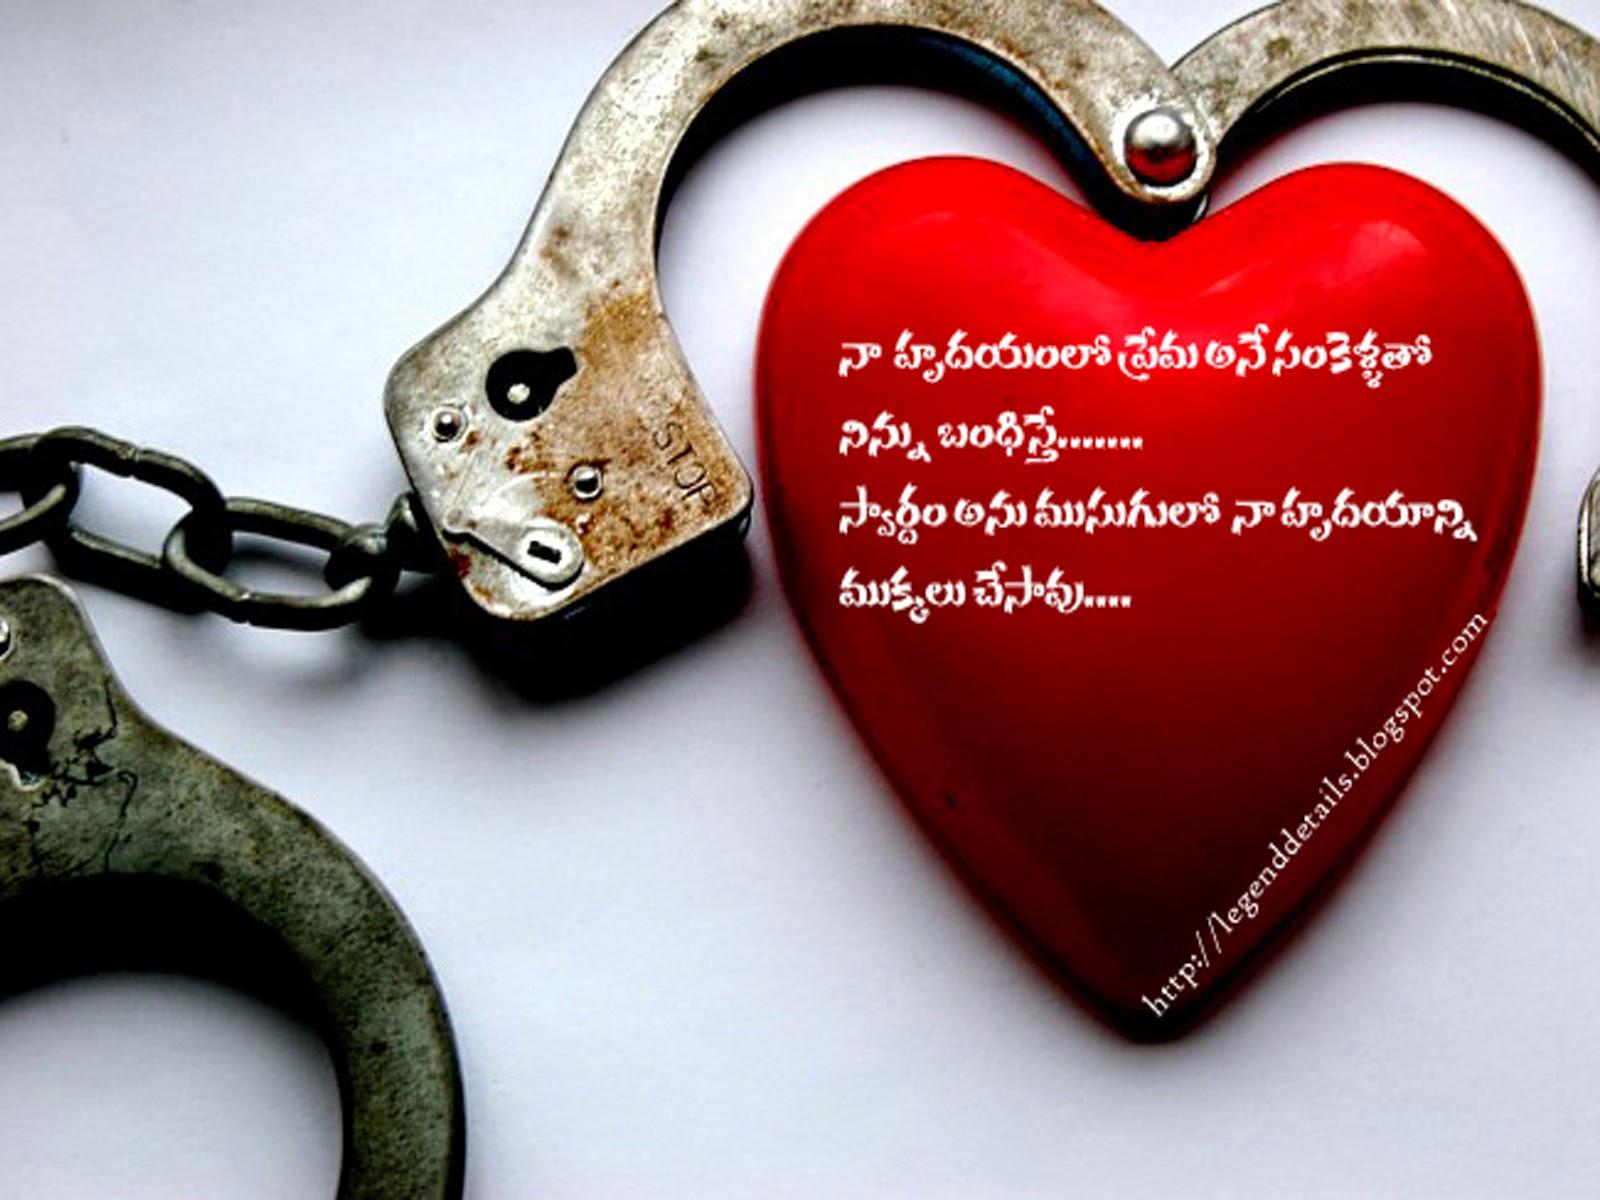 telugu love hurts quotes legendary quotes